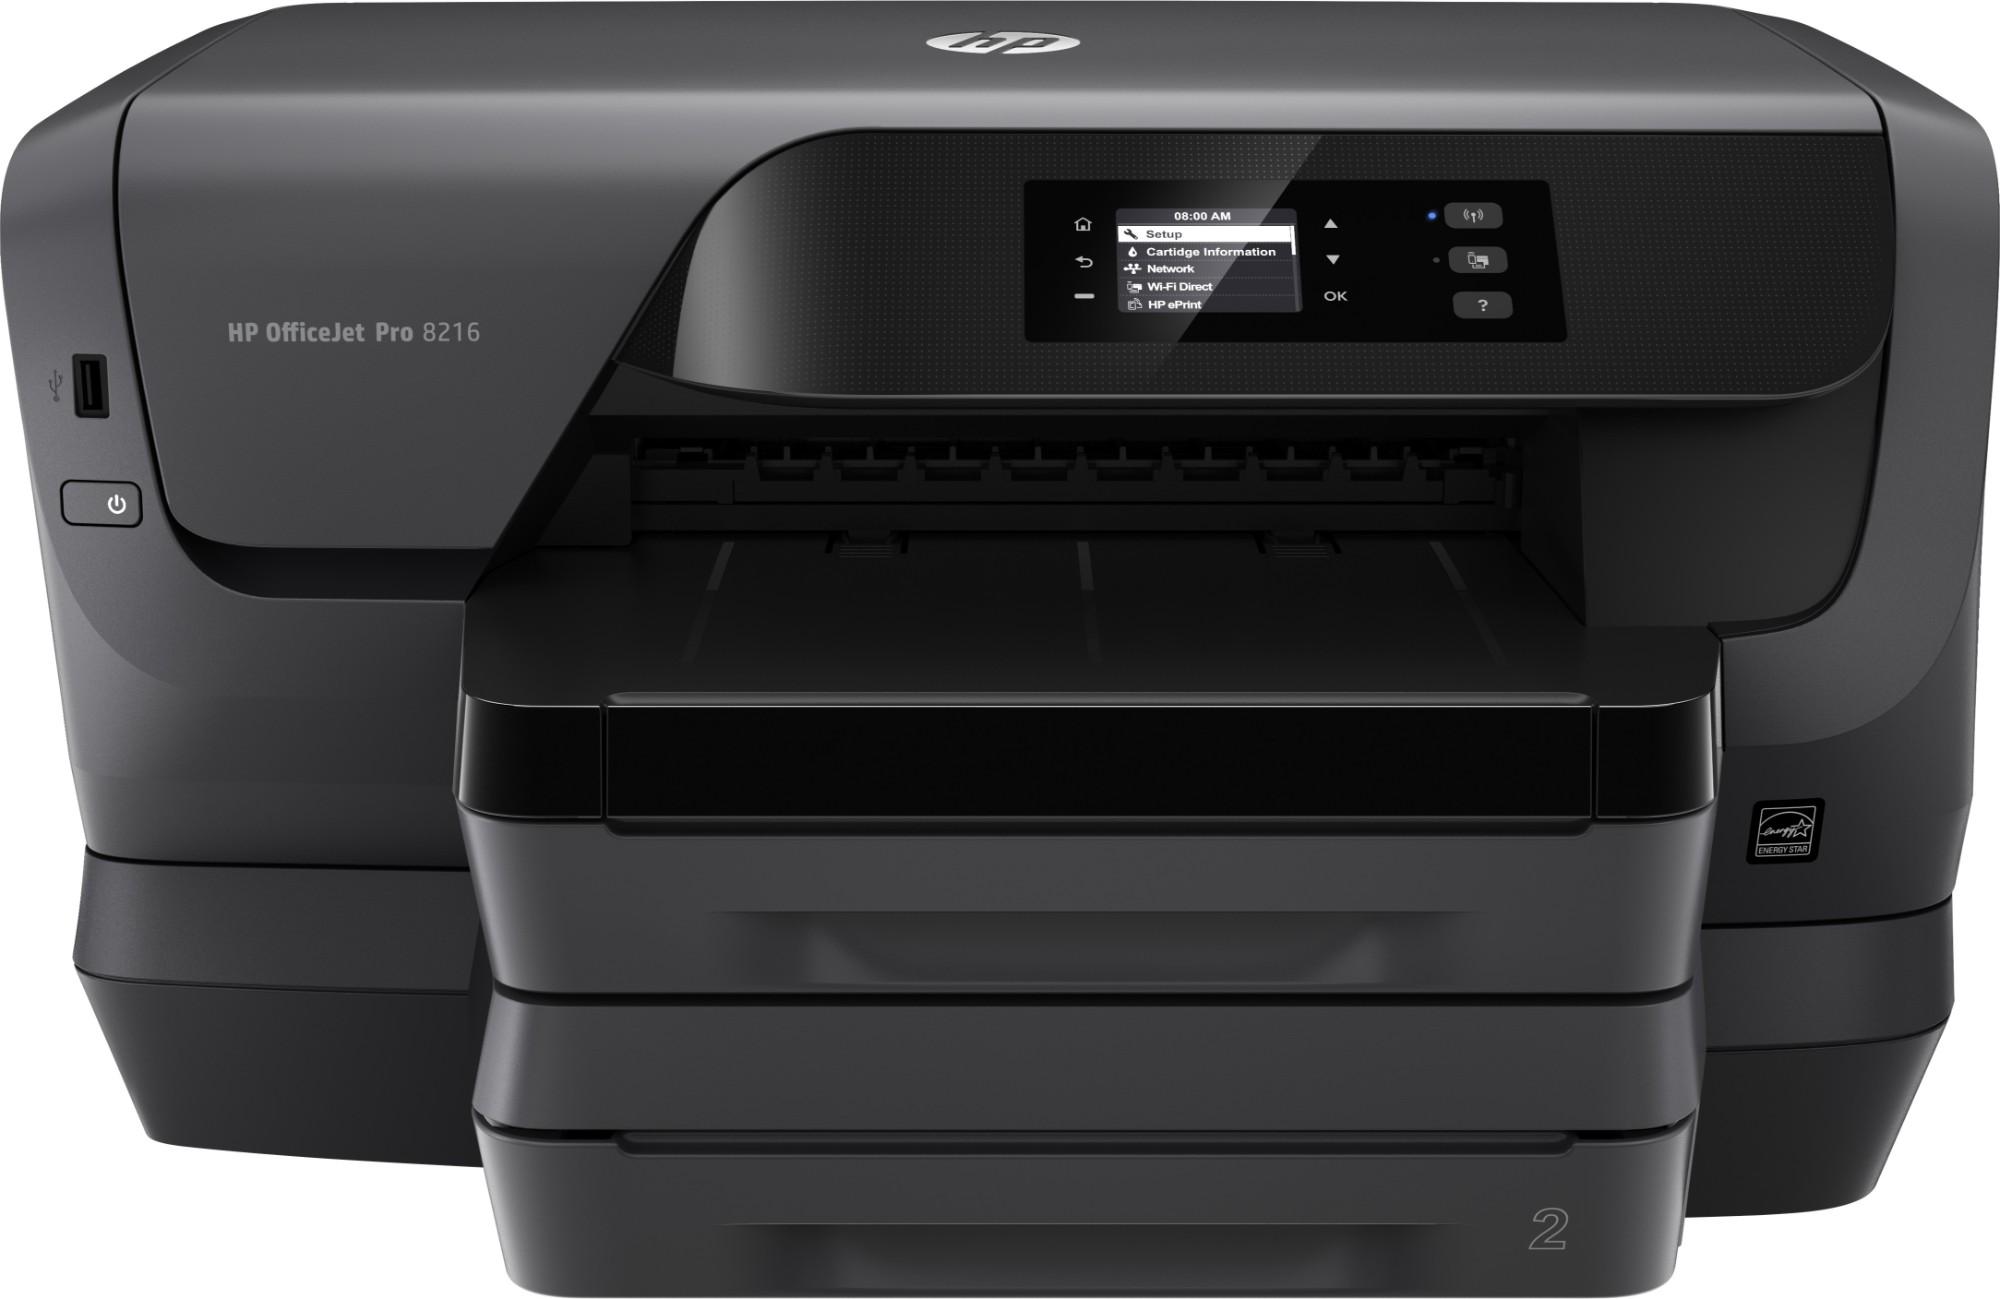 HP Officejet Pro 8218 Tintenstrahldrucker Farbe 2400 x 1200 DPI A4 Wi-Fi